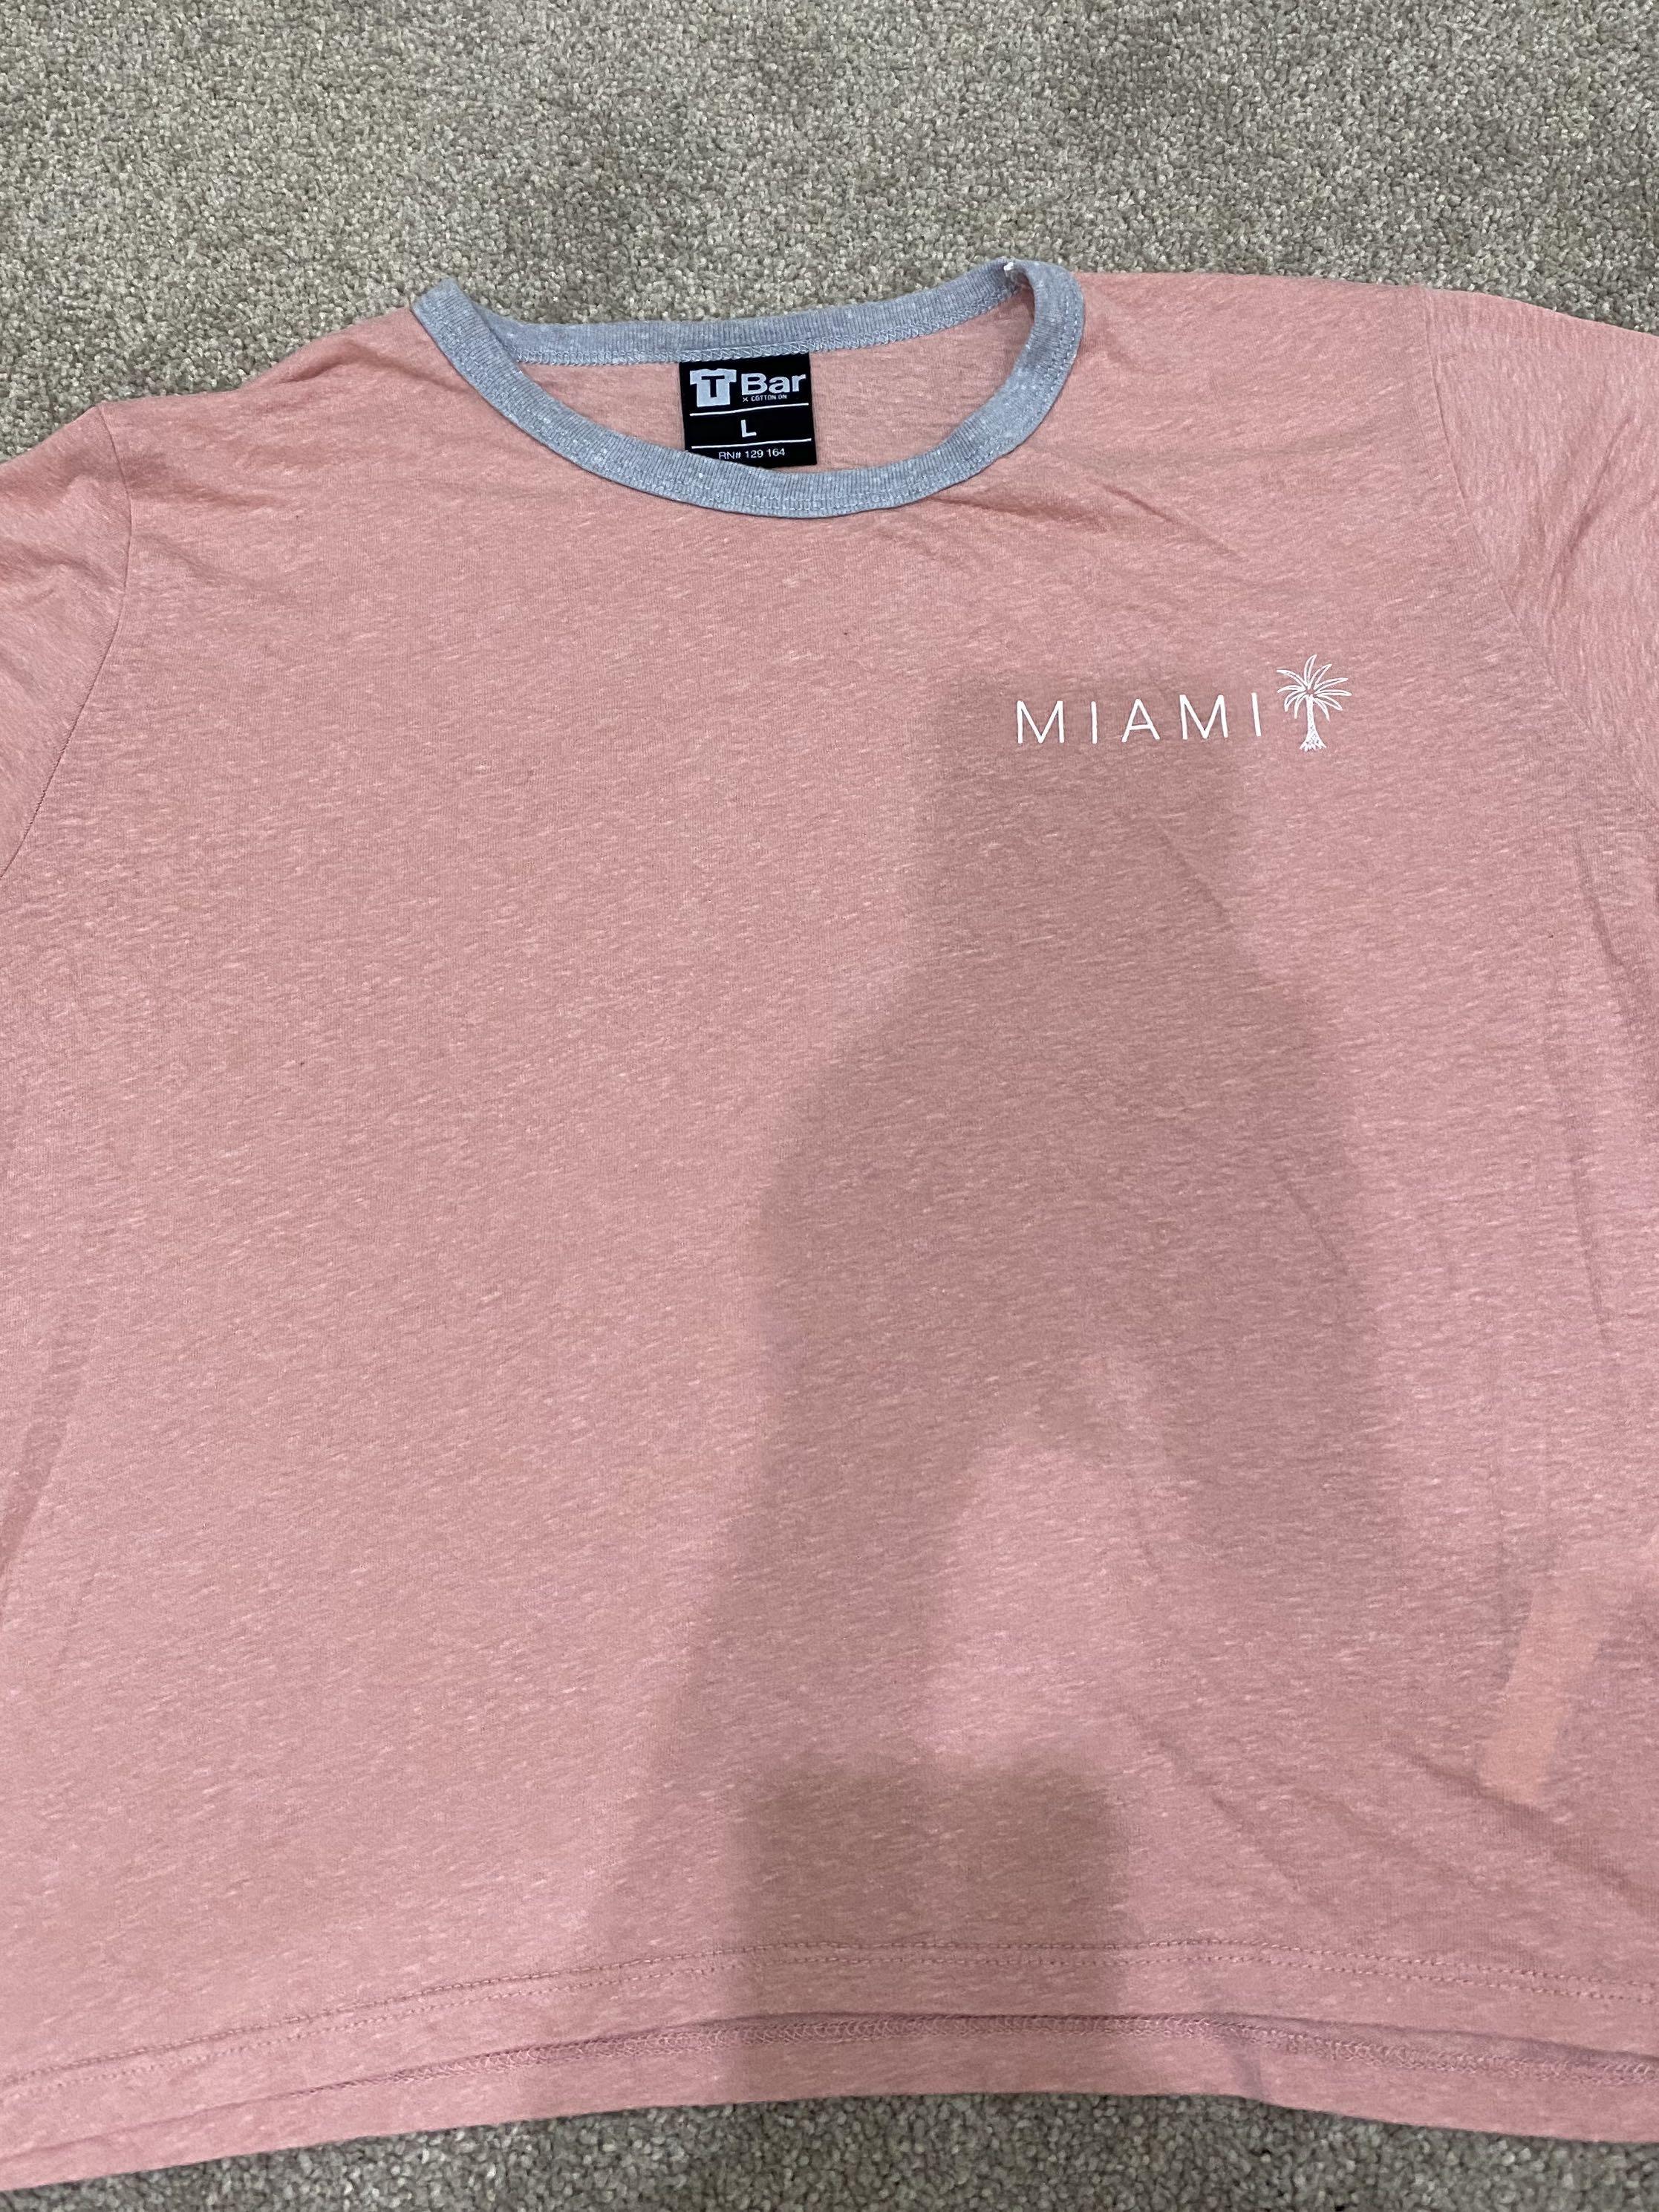 Cotton On- Miami T-Shirt